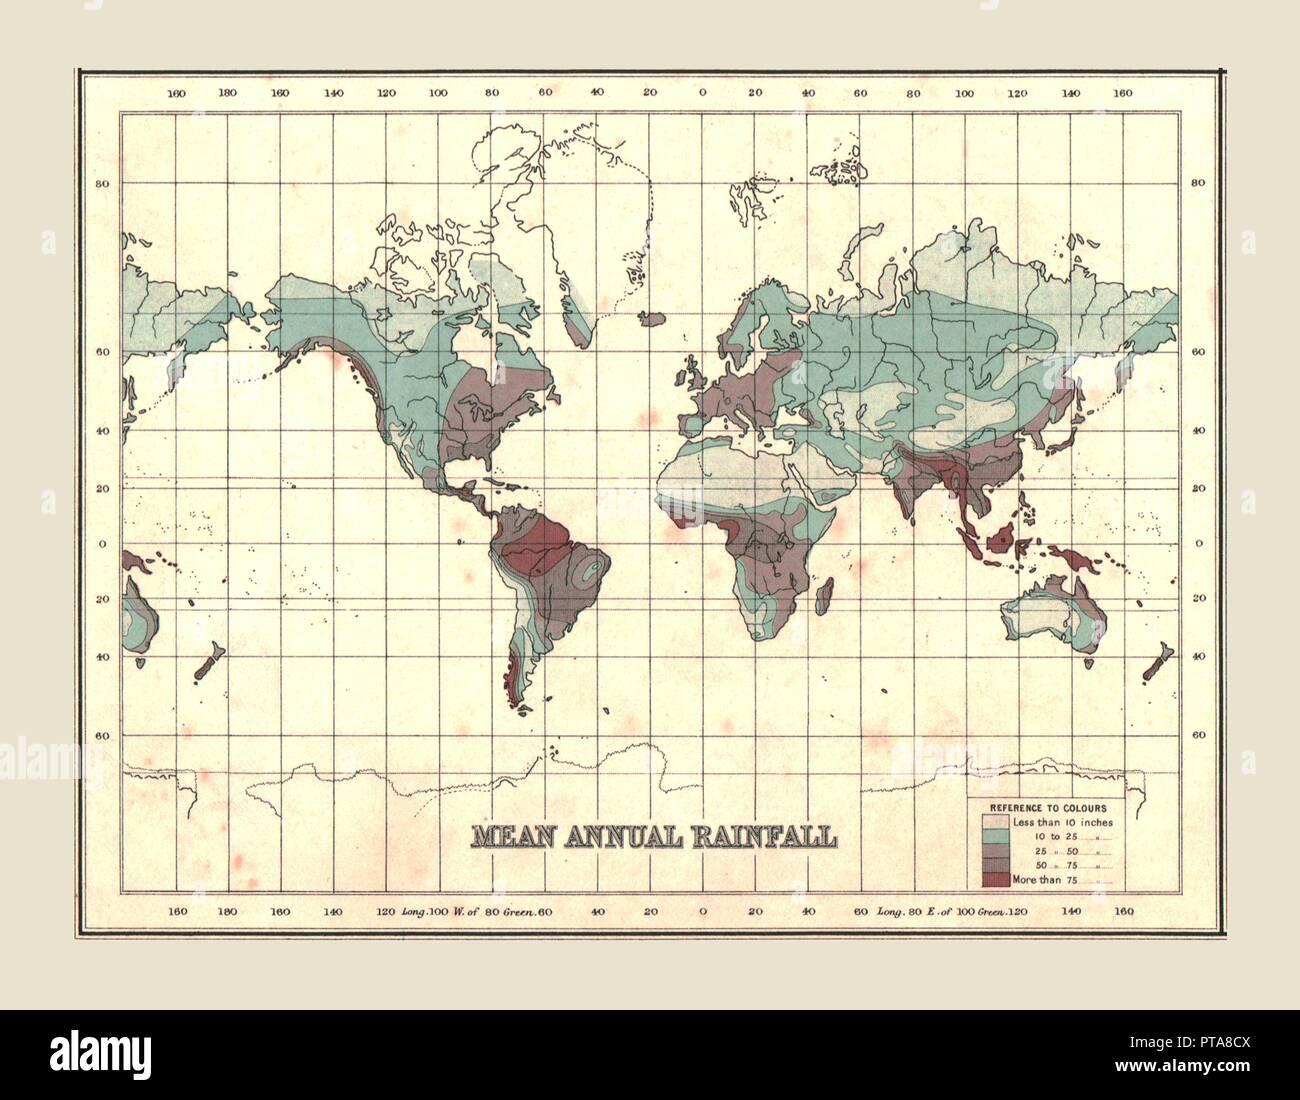 Mappa del mondo che mostra significa pioggia annuale del 1902. A partire dal secolo Atlante del mondo. [John Walker & Co Ltd, Londra, 1902] Immagini Stock